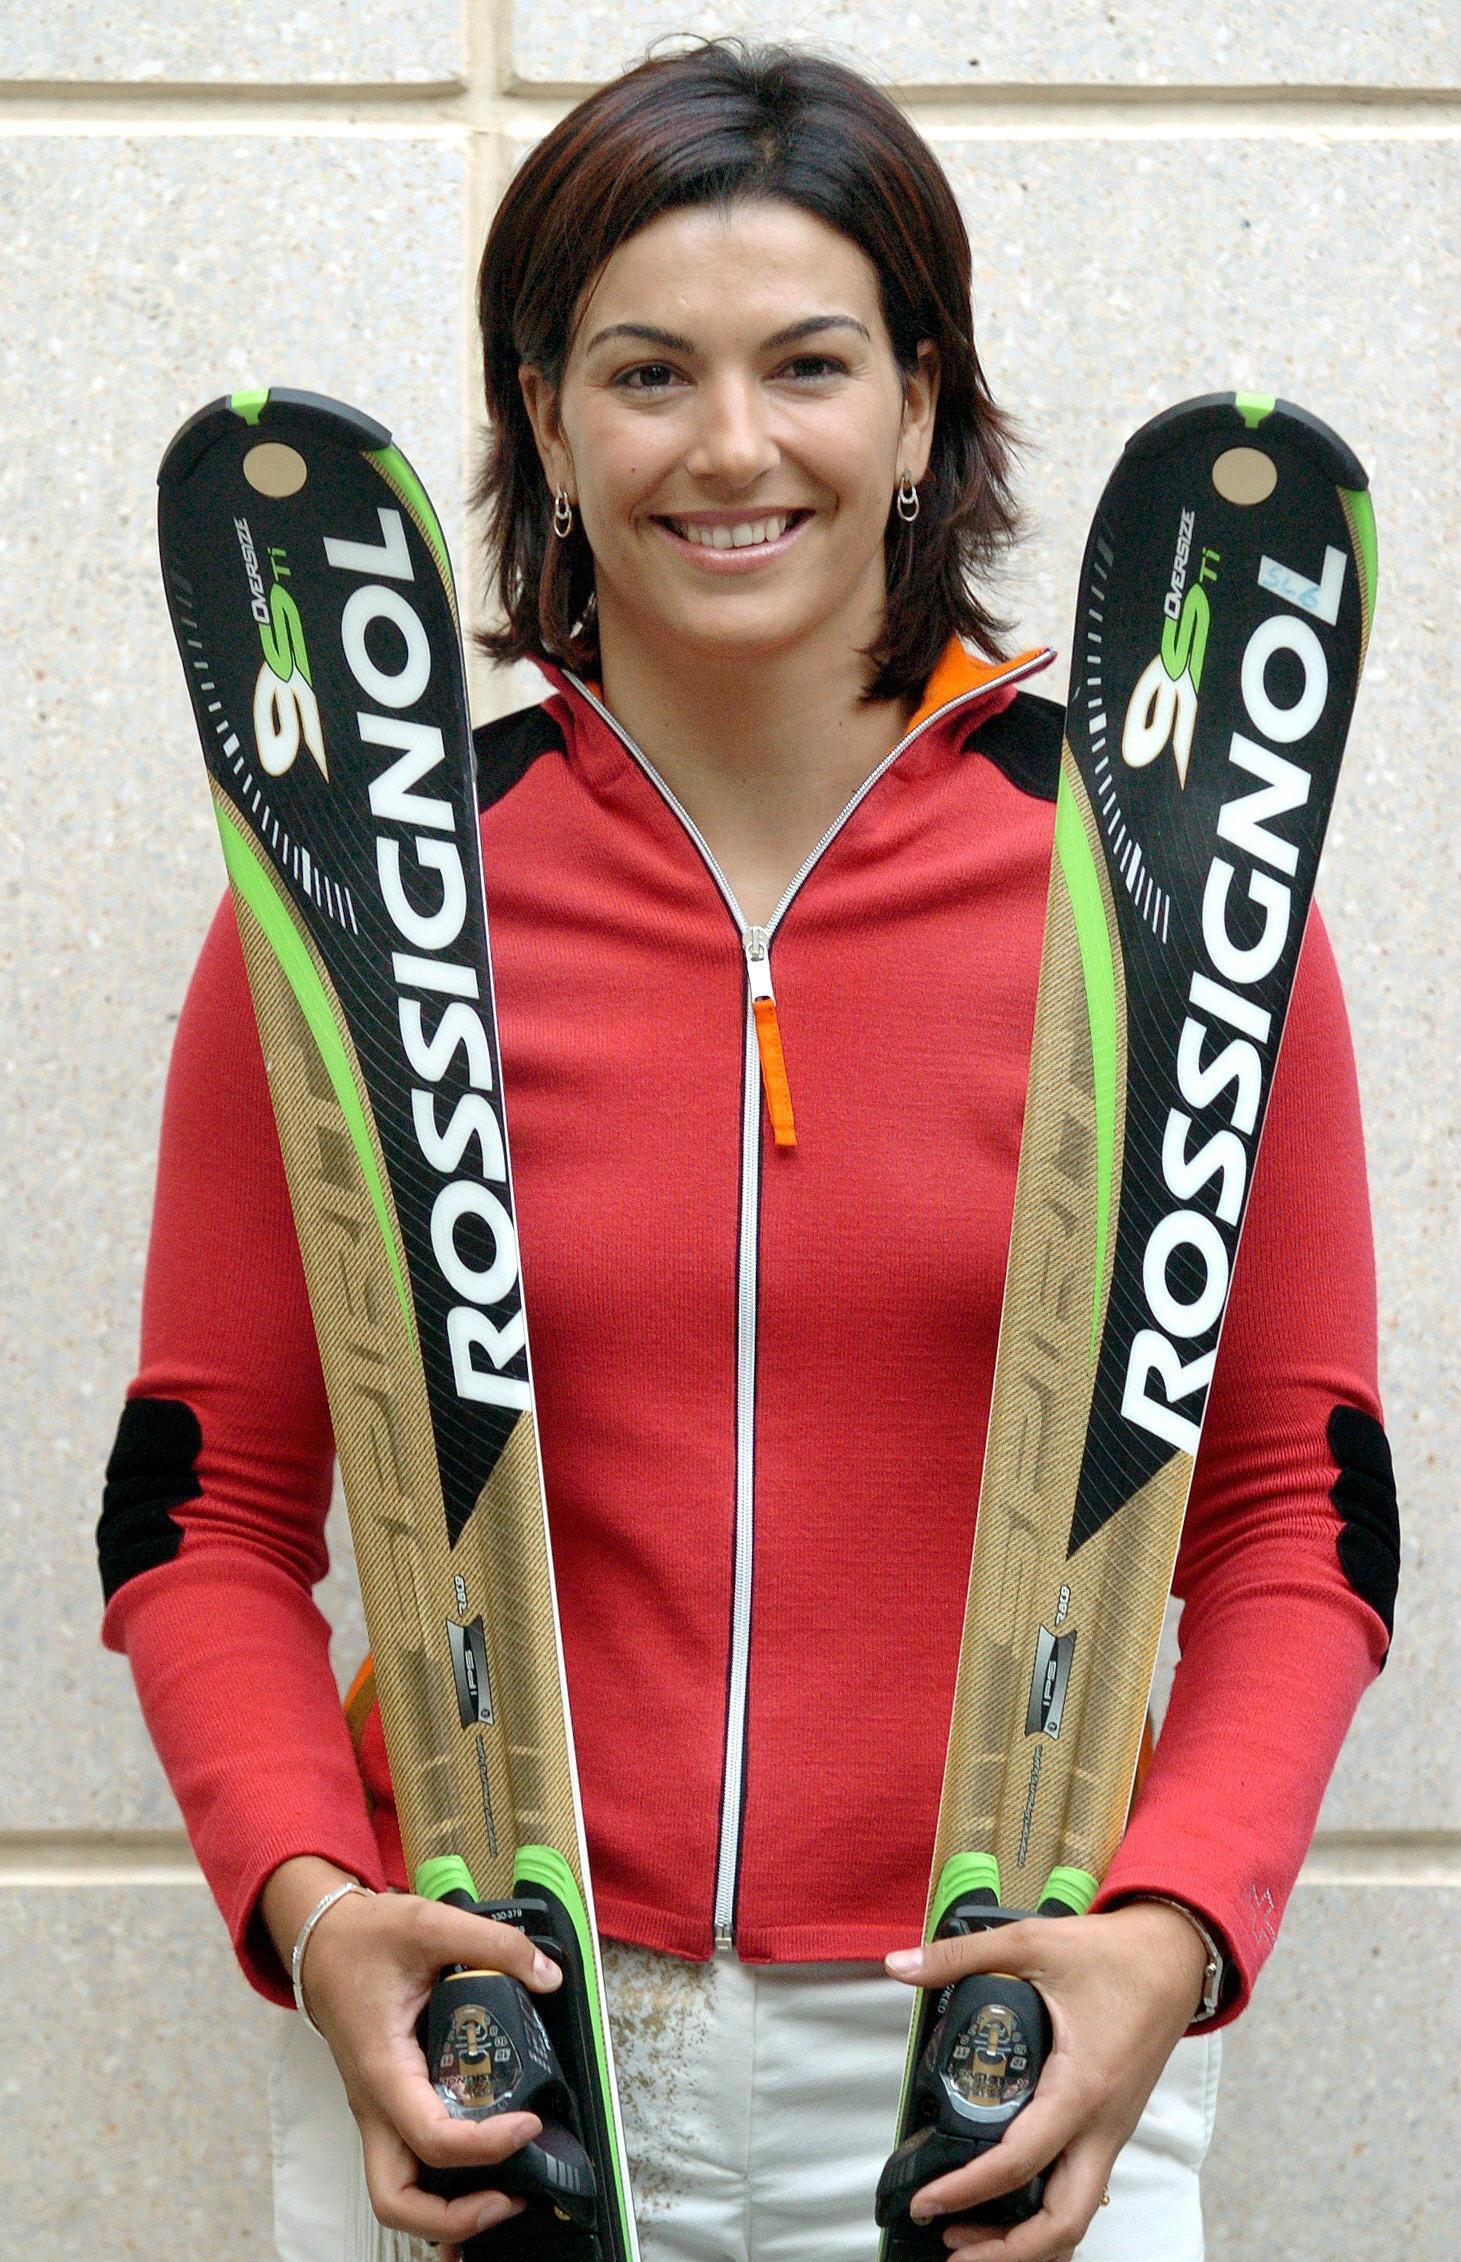 María José Rienda, antes de su participación en los Juegos Olímpicos de Invierno del 2006 en Turín (Archivo 20minutos).